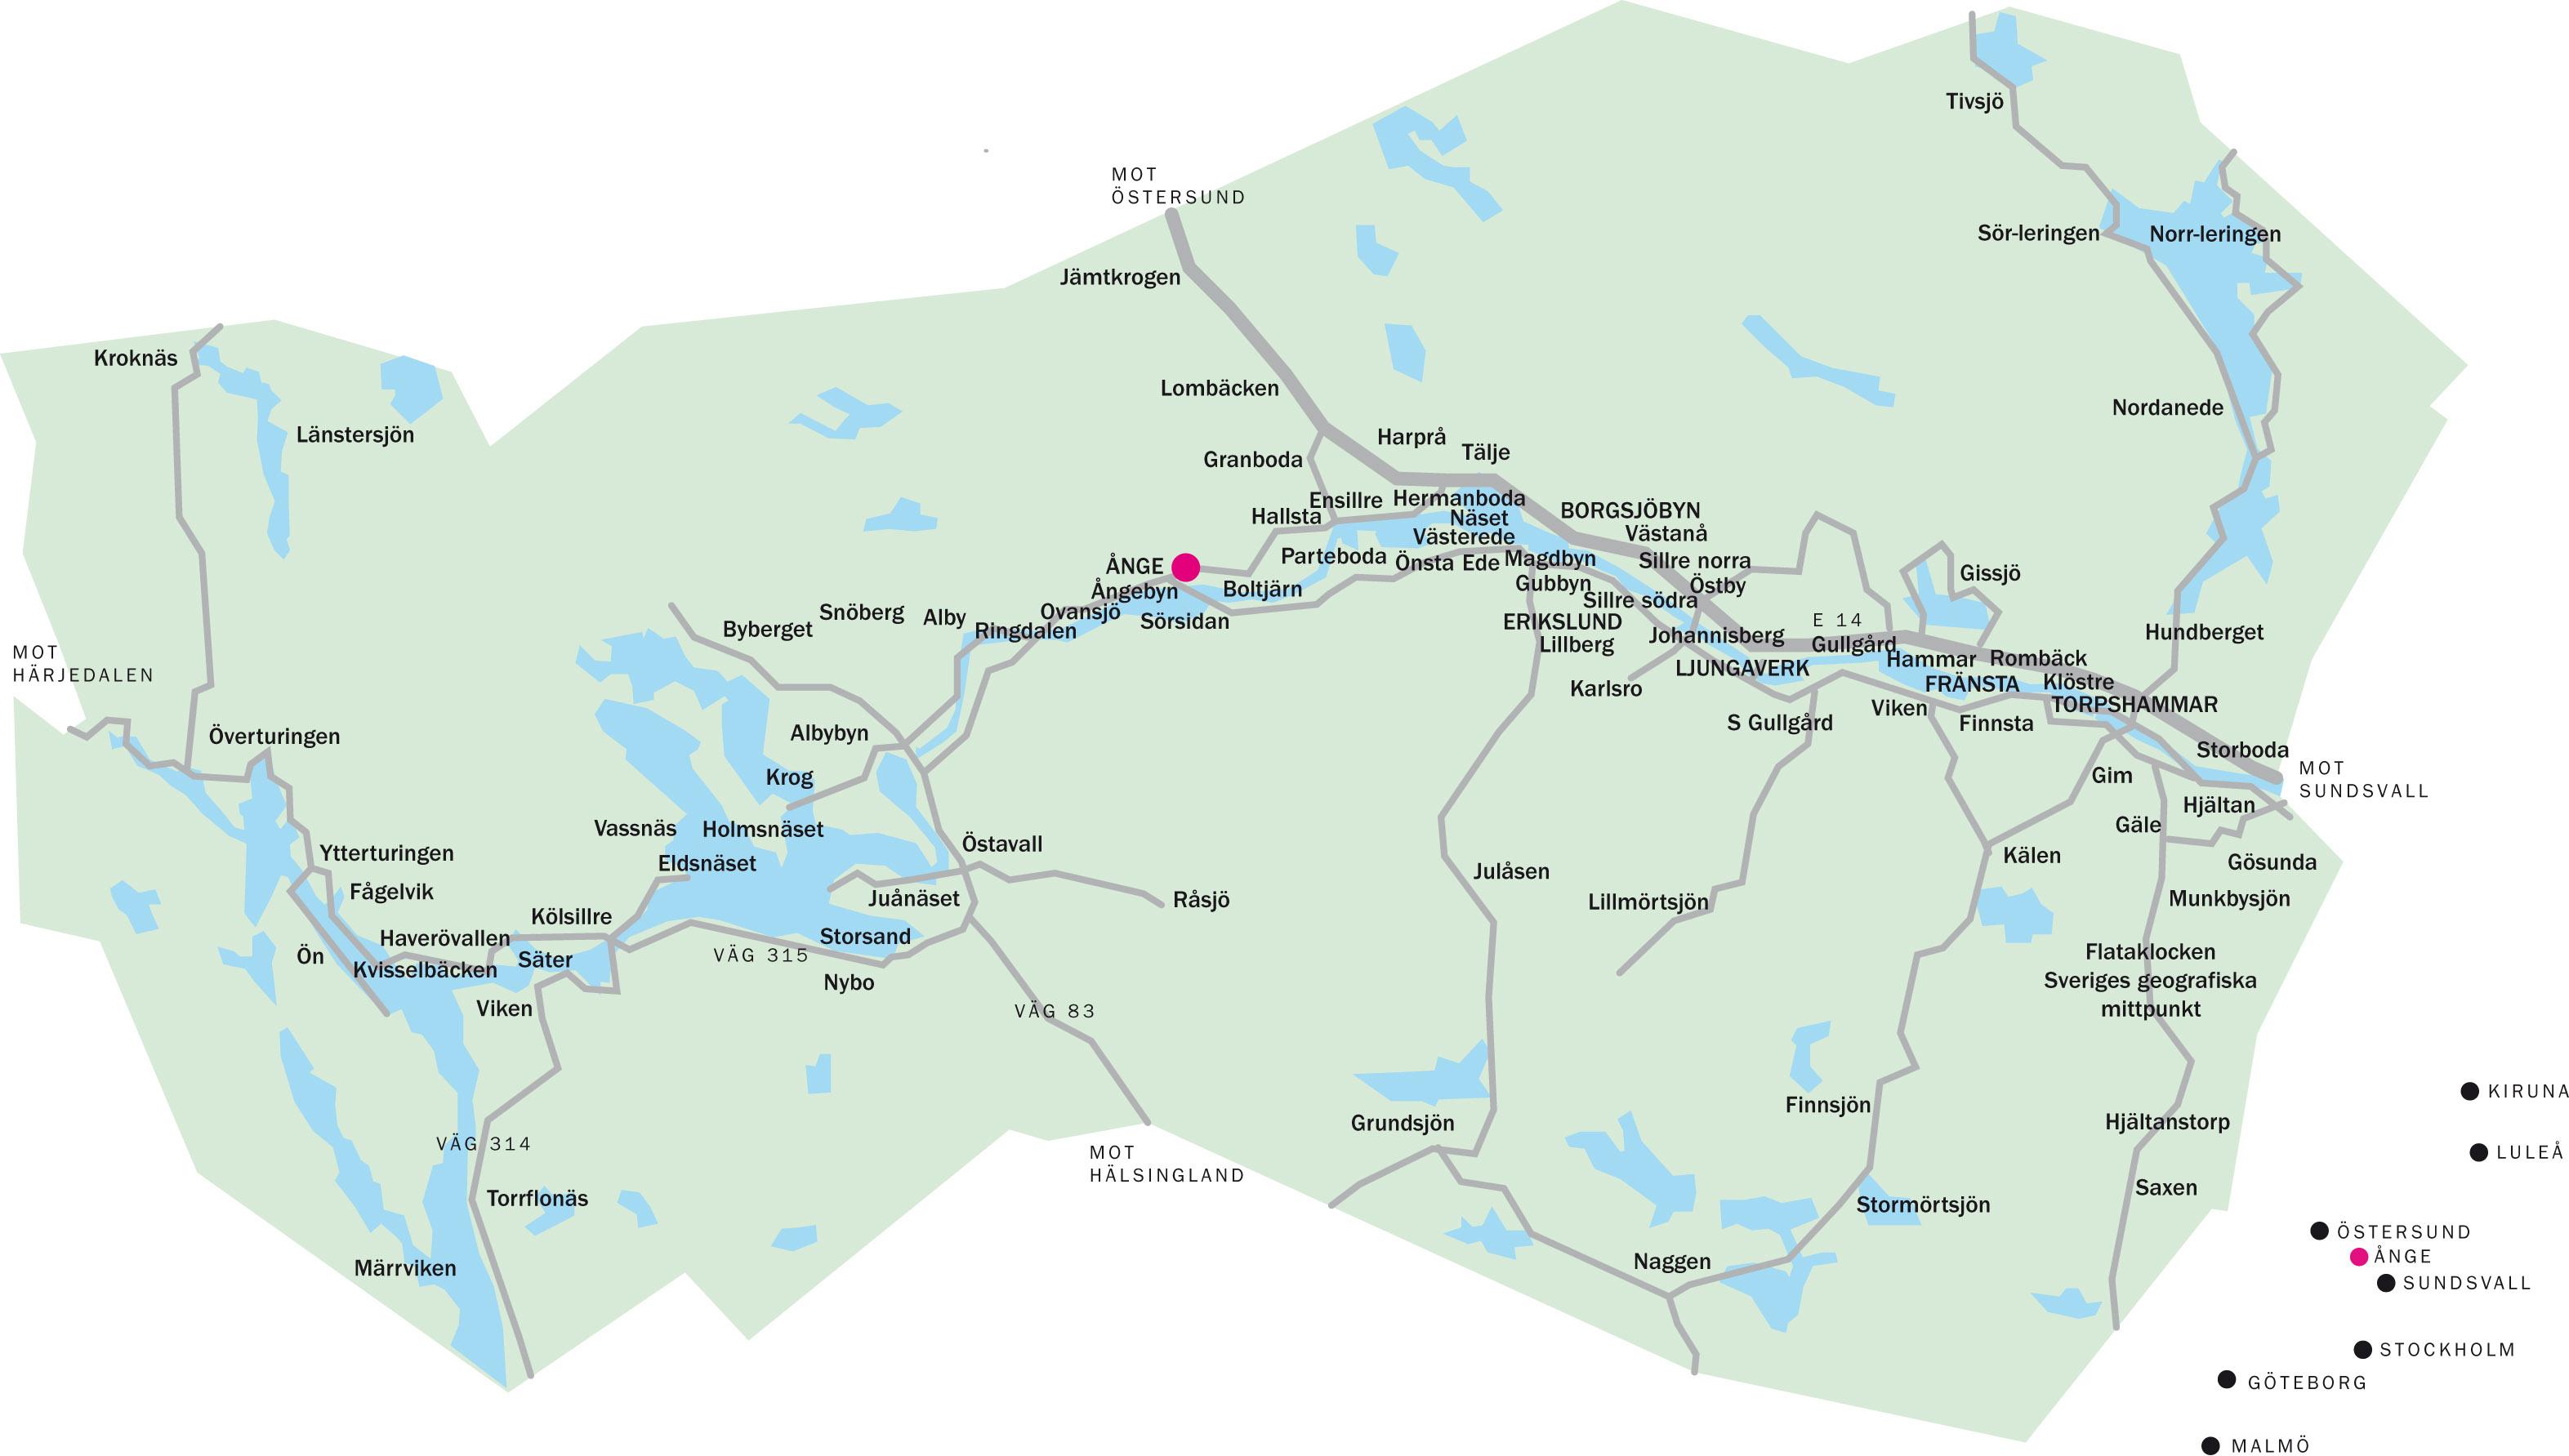 Kartor Och Geografisk Information Ange Kommun